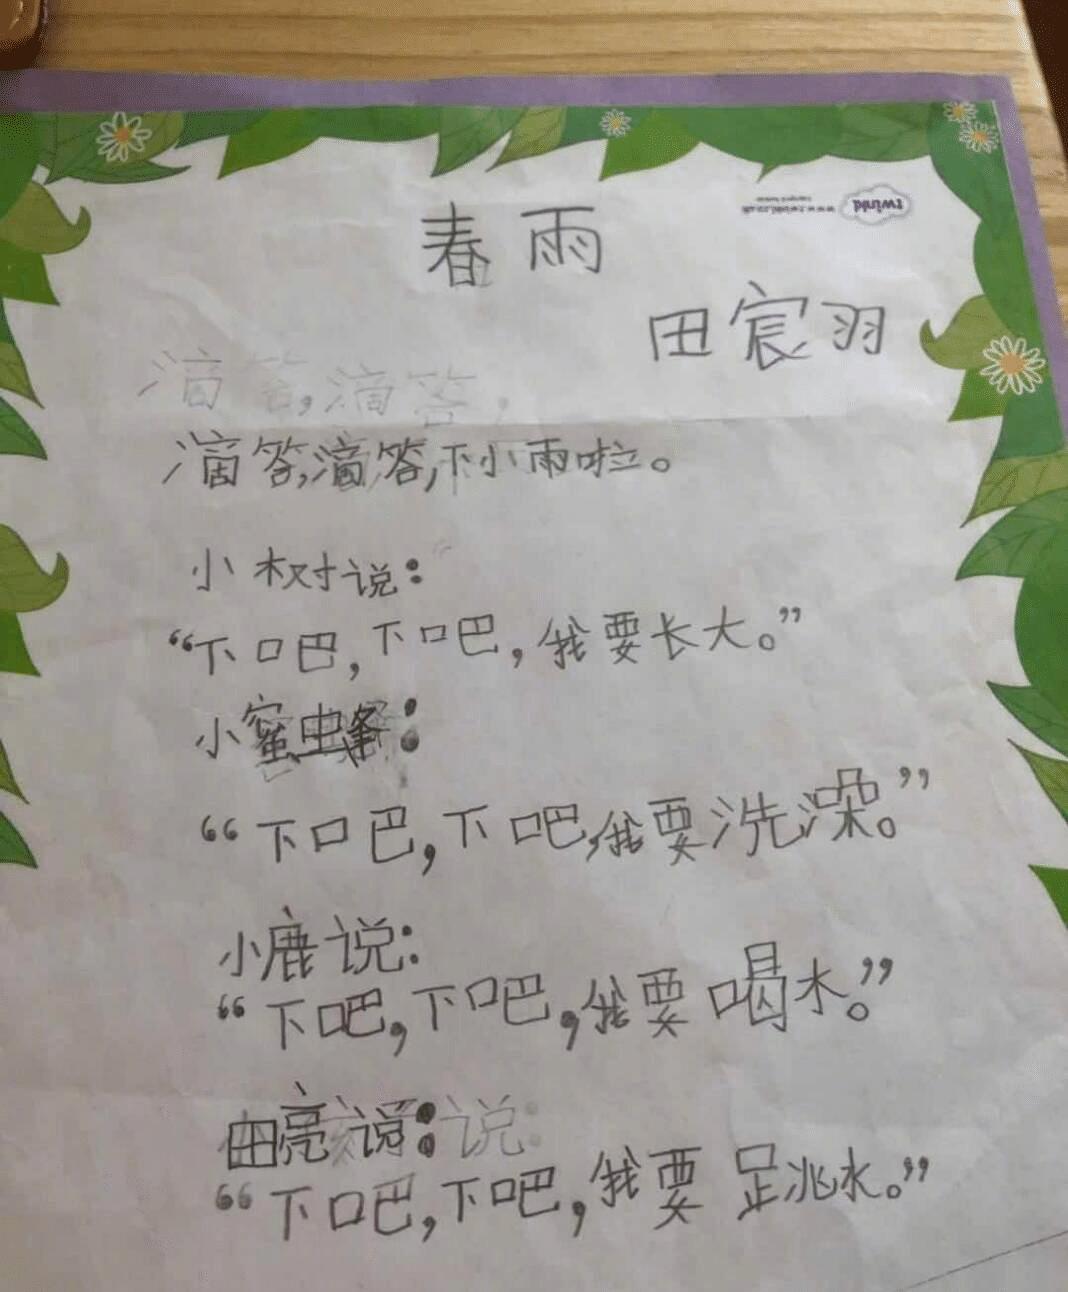 好可爱!田亮被儿子写诗调侃直呼想哭要活着